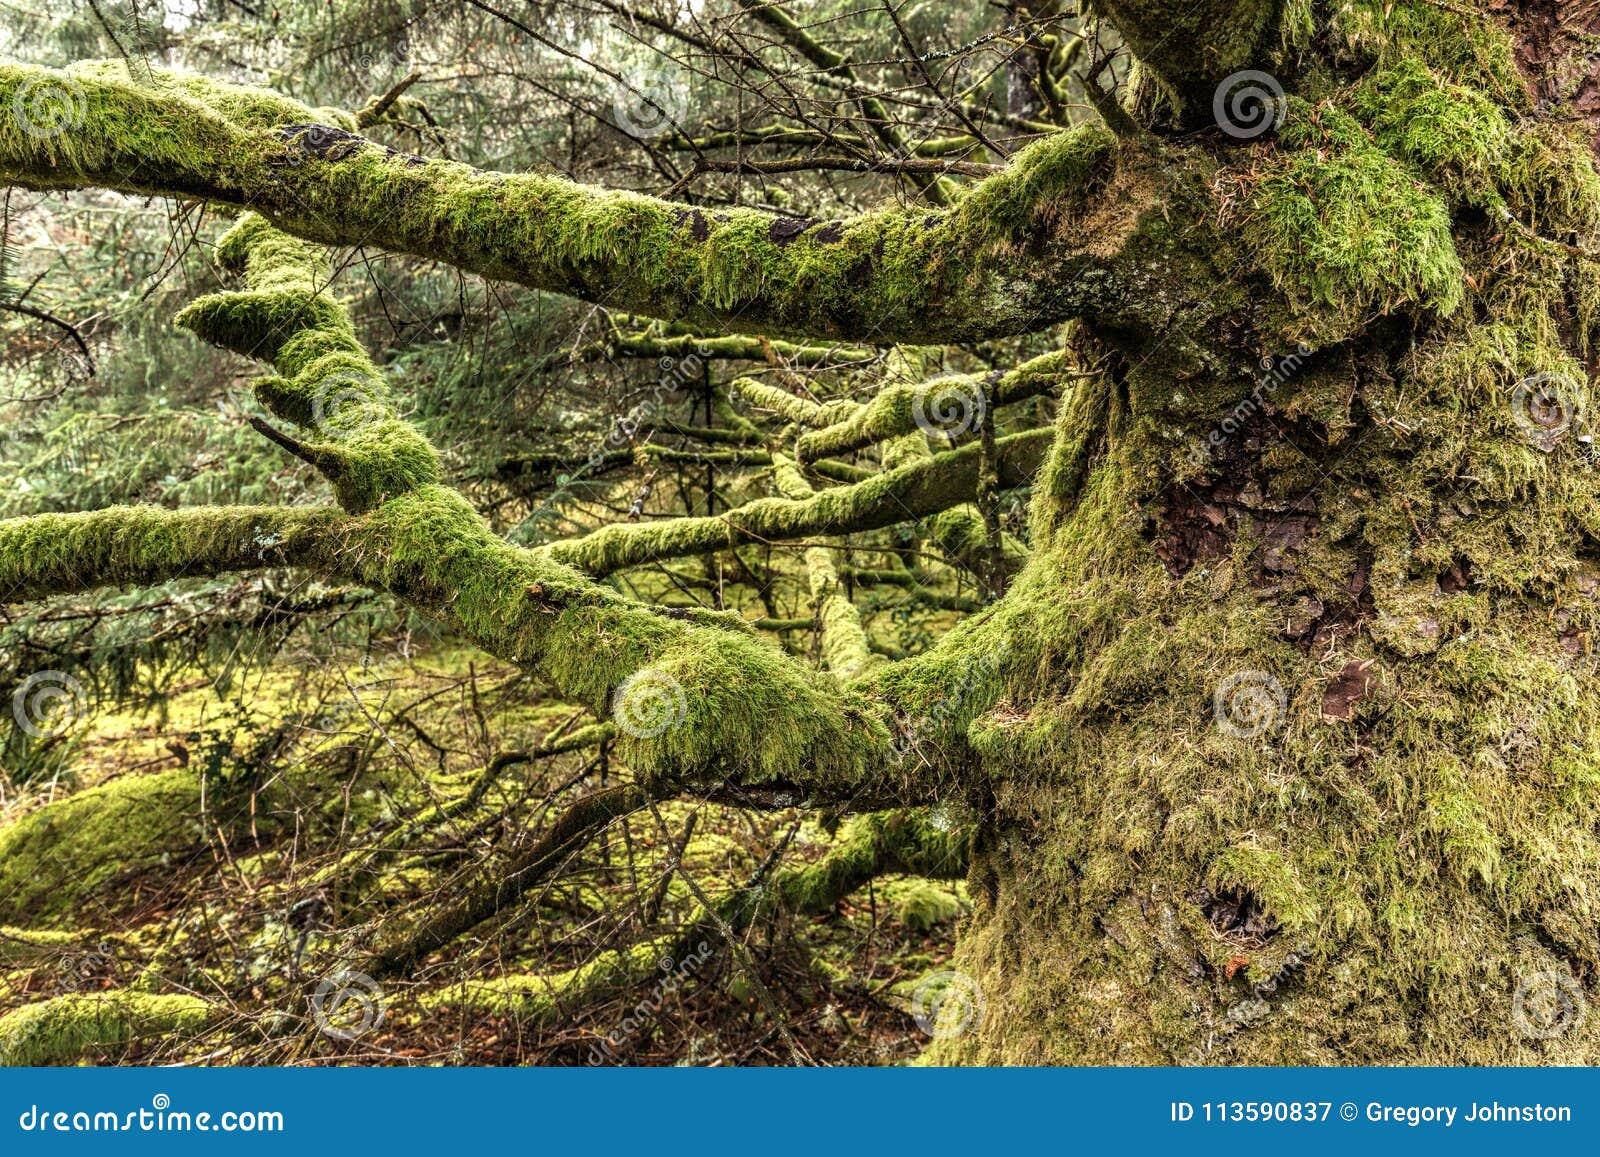 青苔盖了在老树的肢体